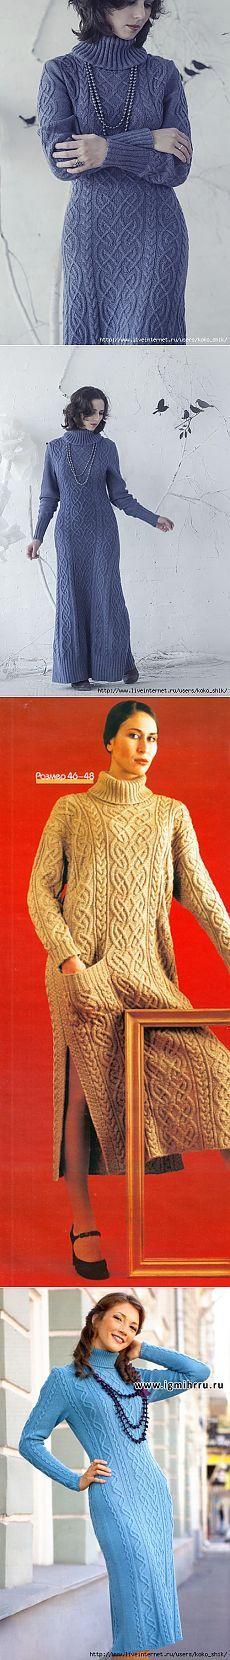 Вязание спицами - Платье, туника и джемпер спицами аранами - Кельтский мотив…